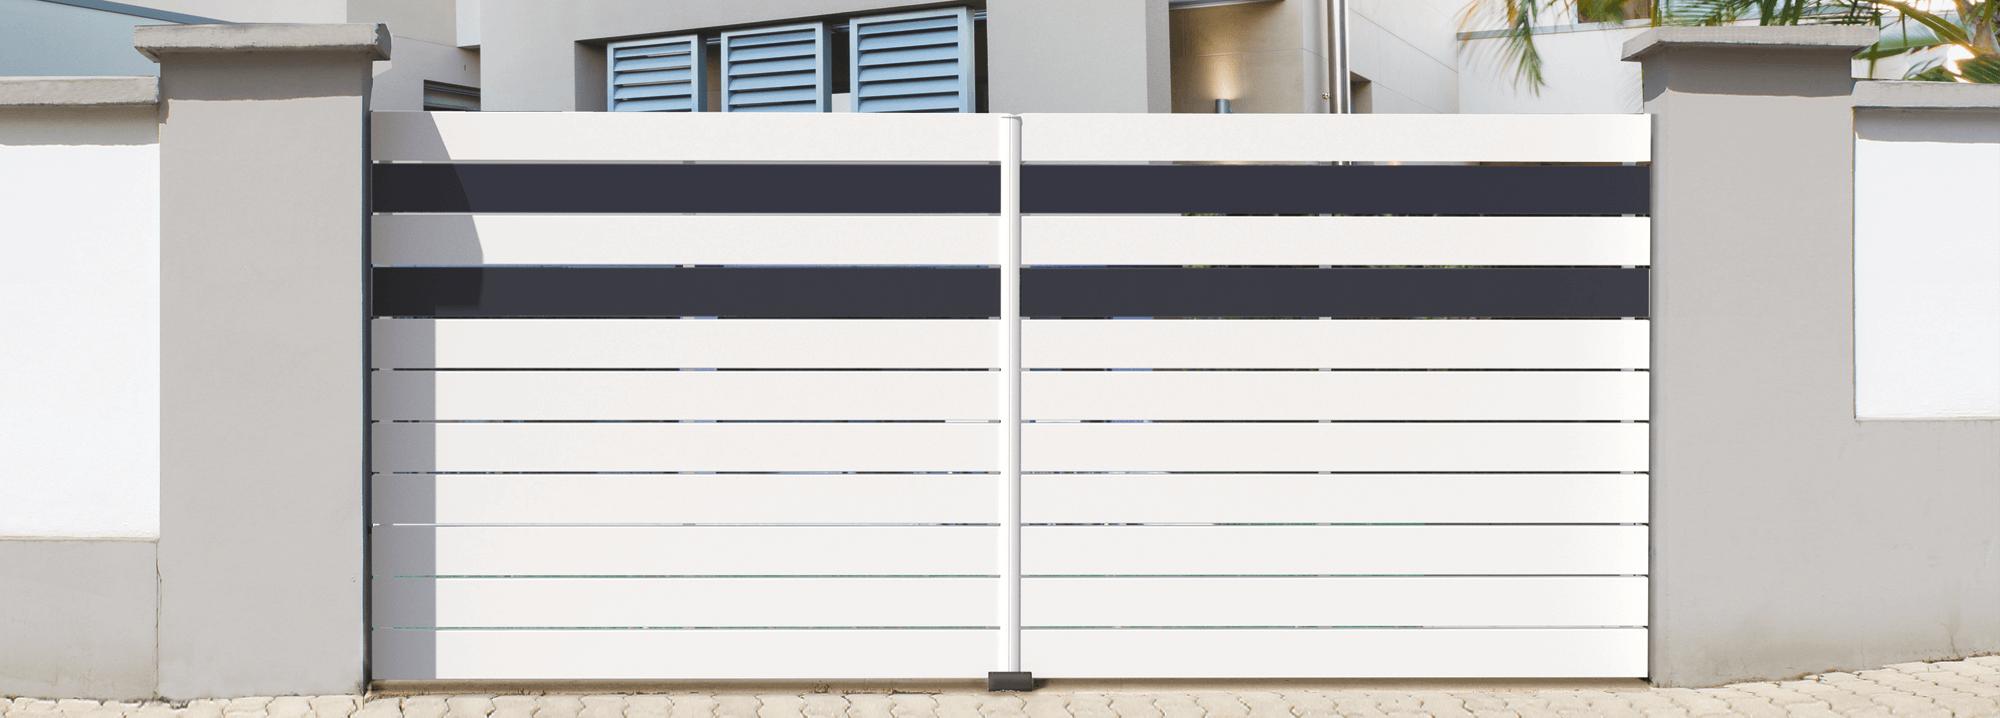 portail-pvc-charuel-contemporain